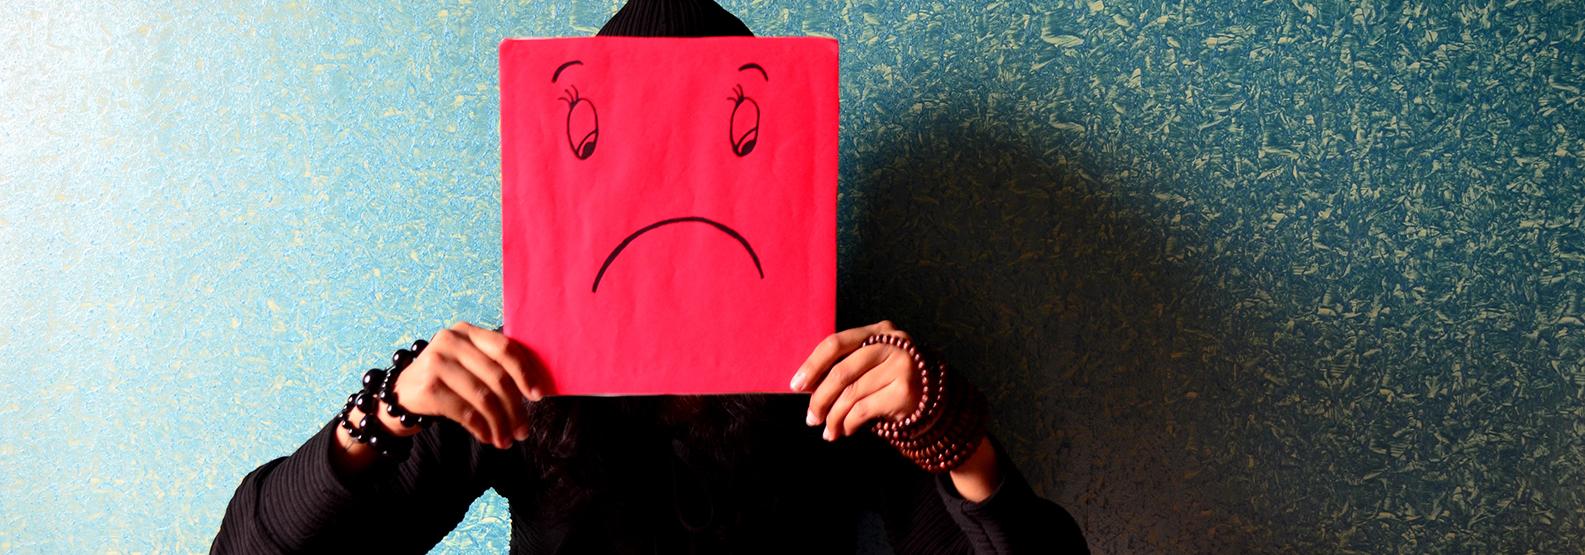 10 способів, якими ми вбиваємо власне щастя